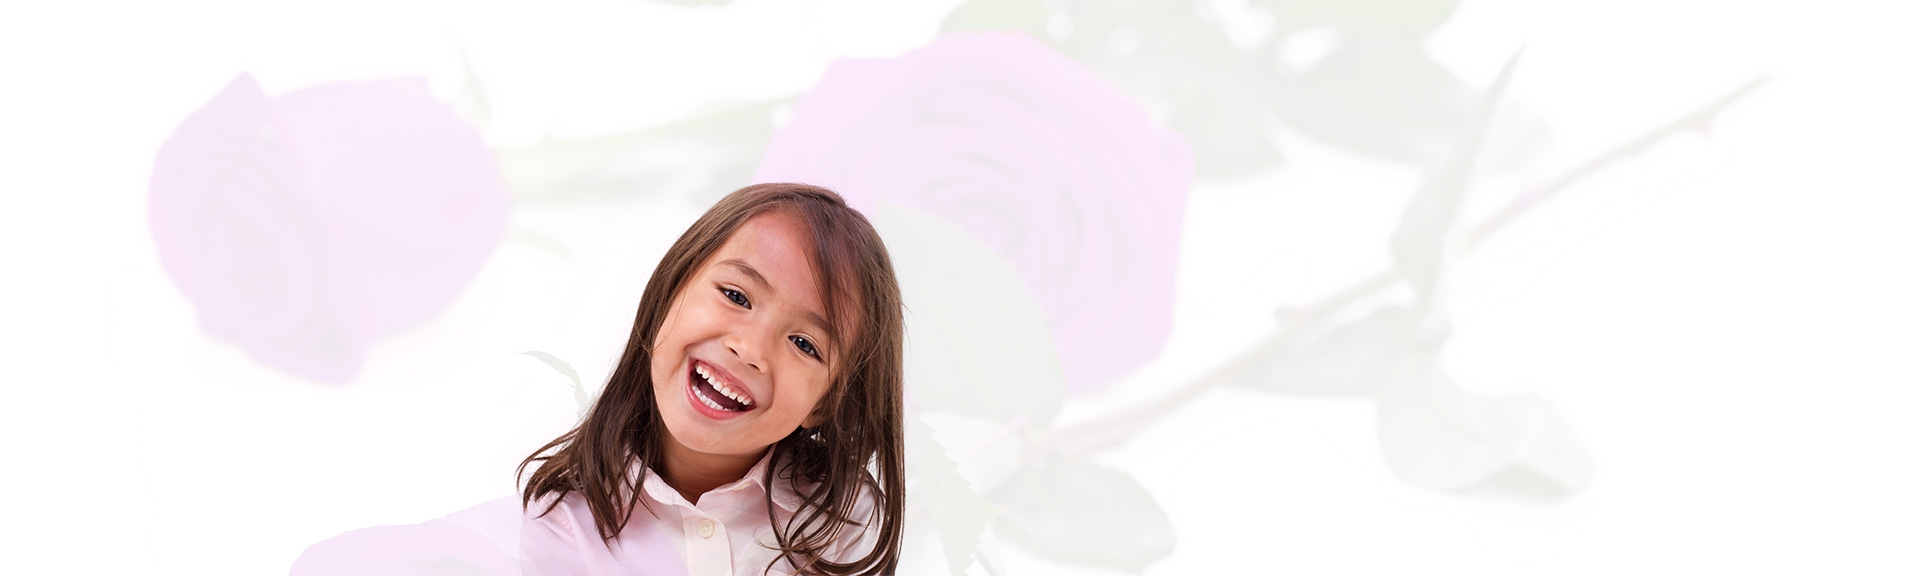 Dentista para niños Elche - Gustavo Garcia del Rio